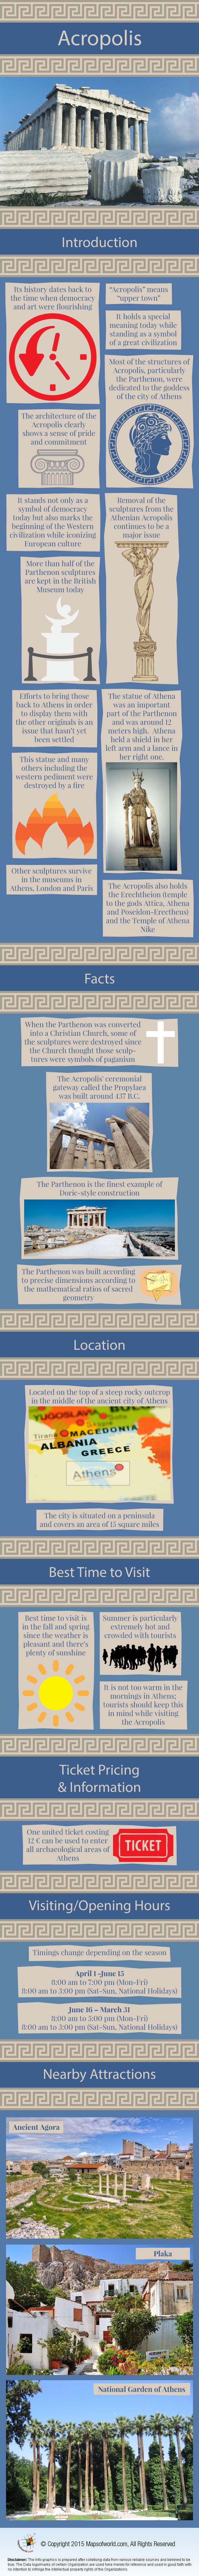 Acropolis Infographic